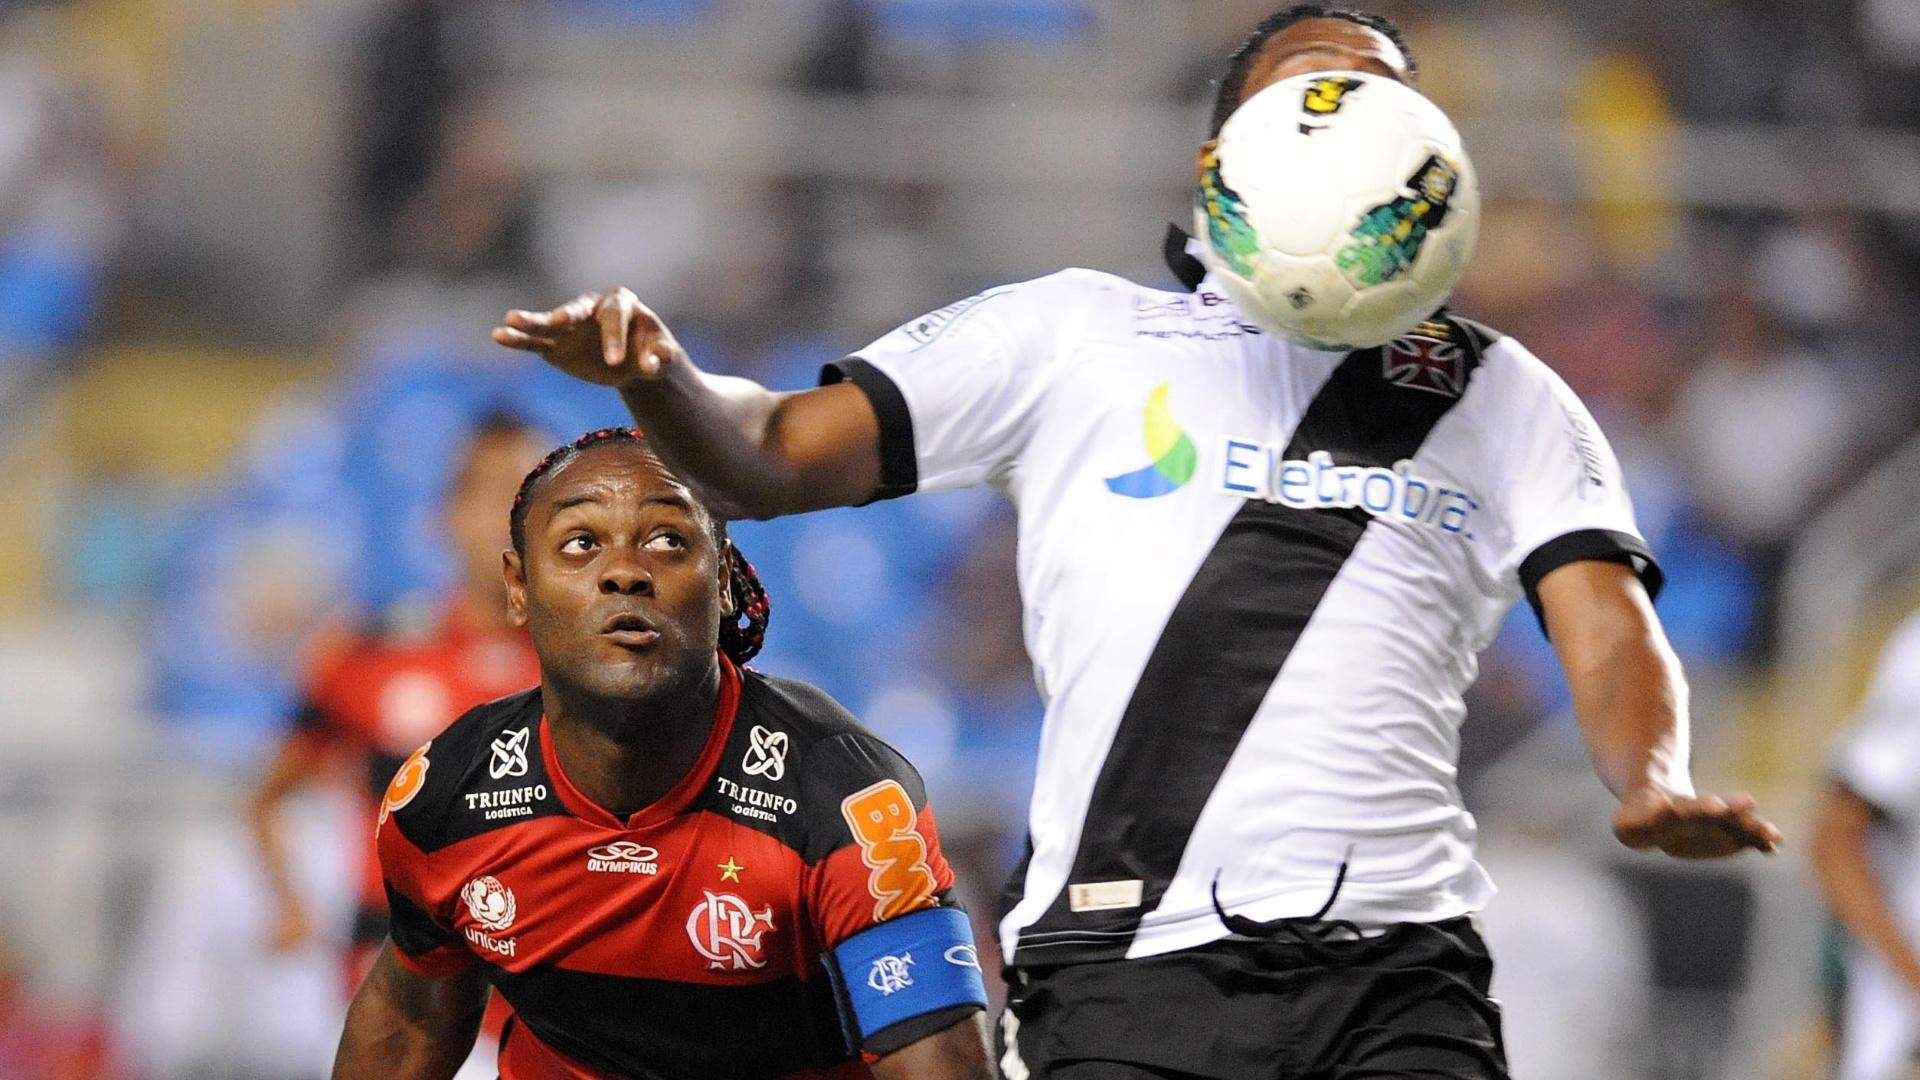 24.nov.2012 - Vágner Love (esq.), atacante do Flamengo, acompanha a jogada na partida contra o Vasco, no Engenhão, pelo Brasileirão